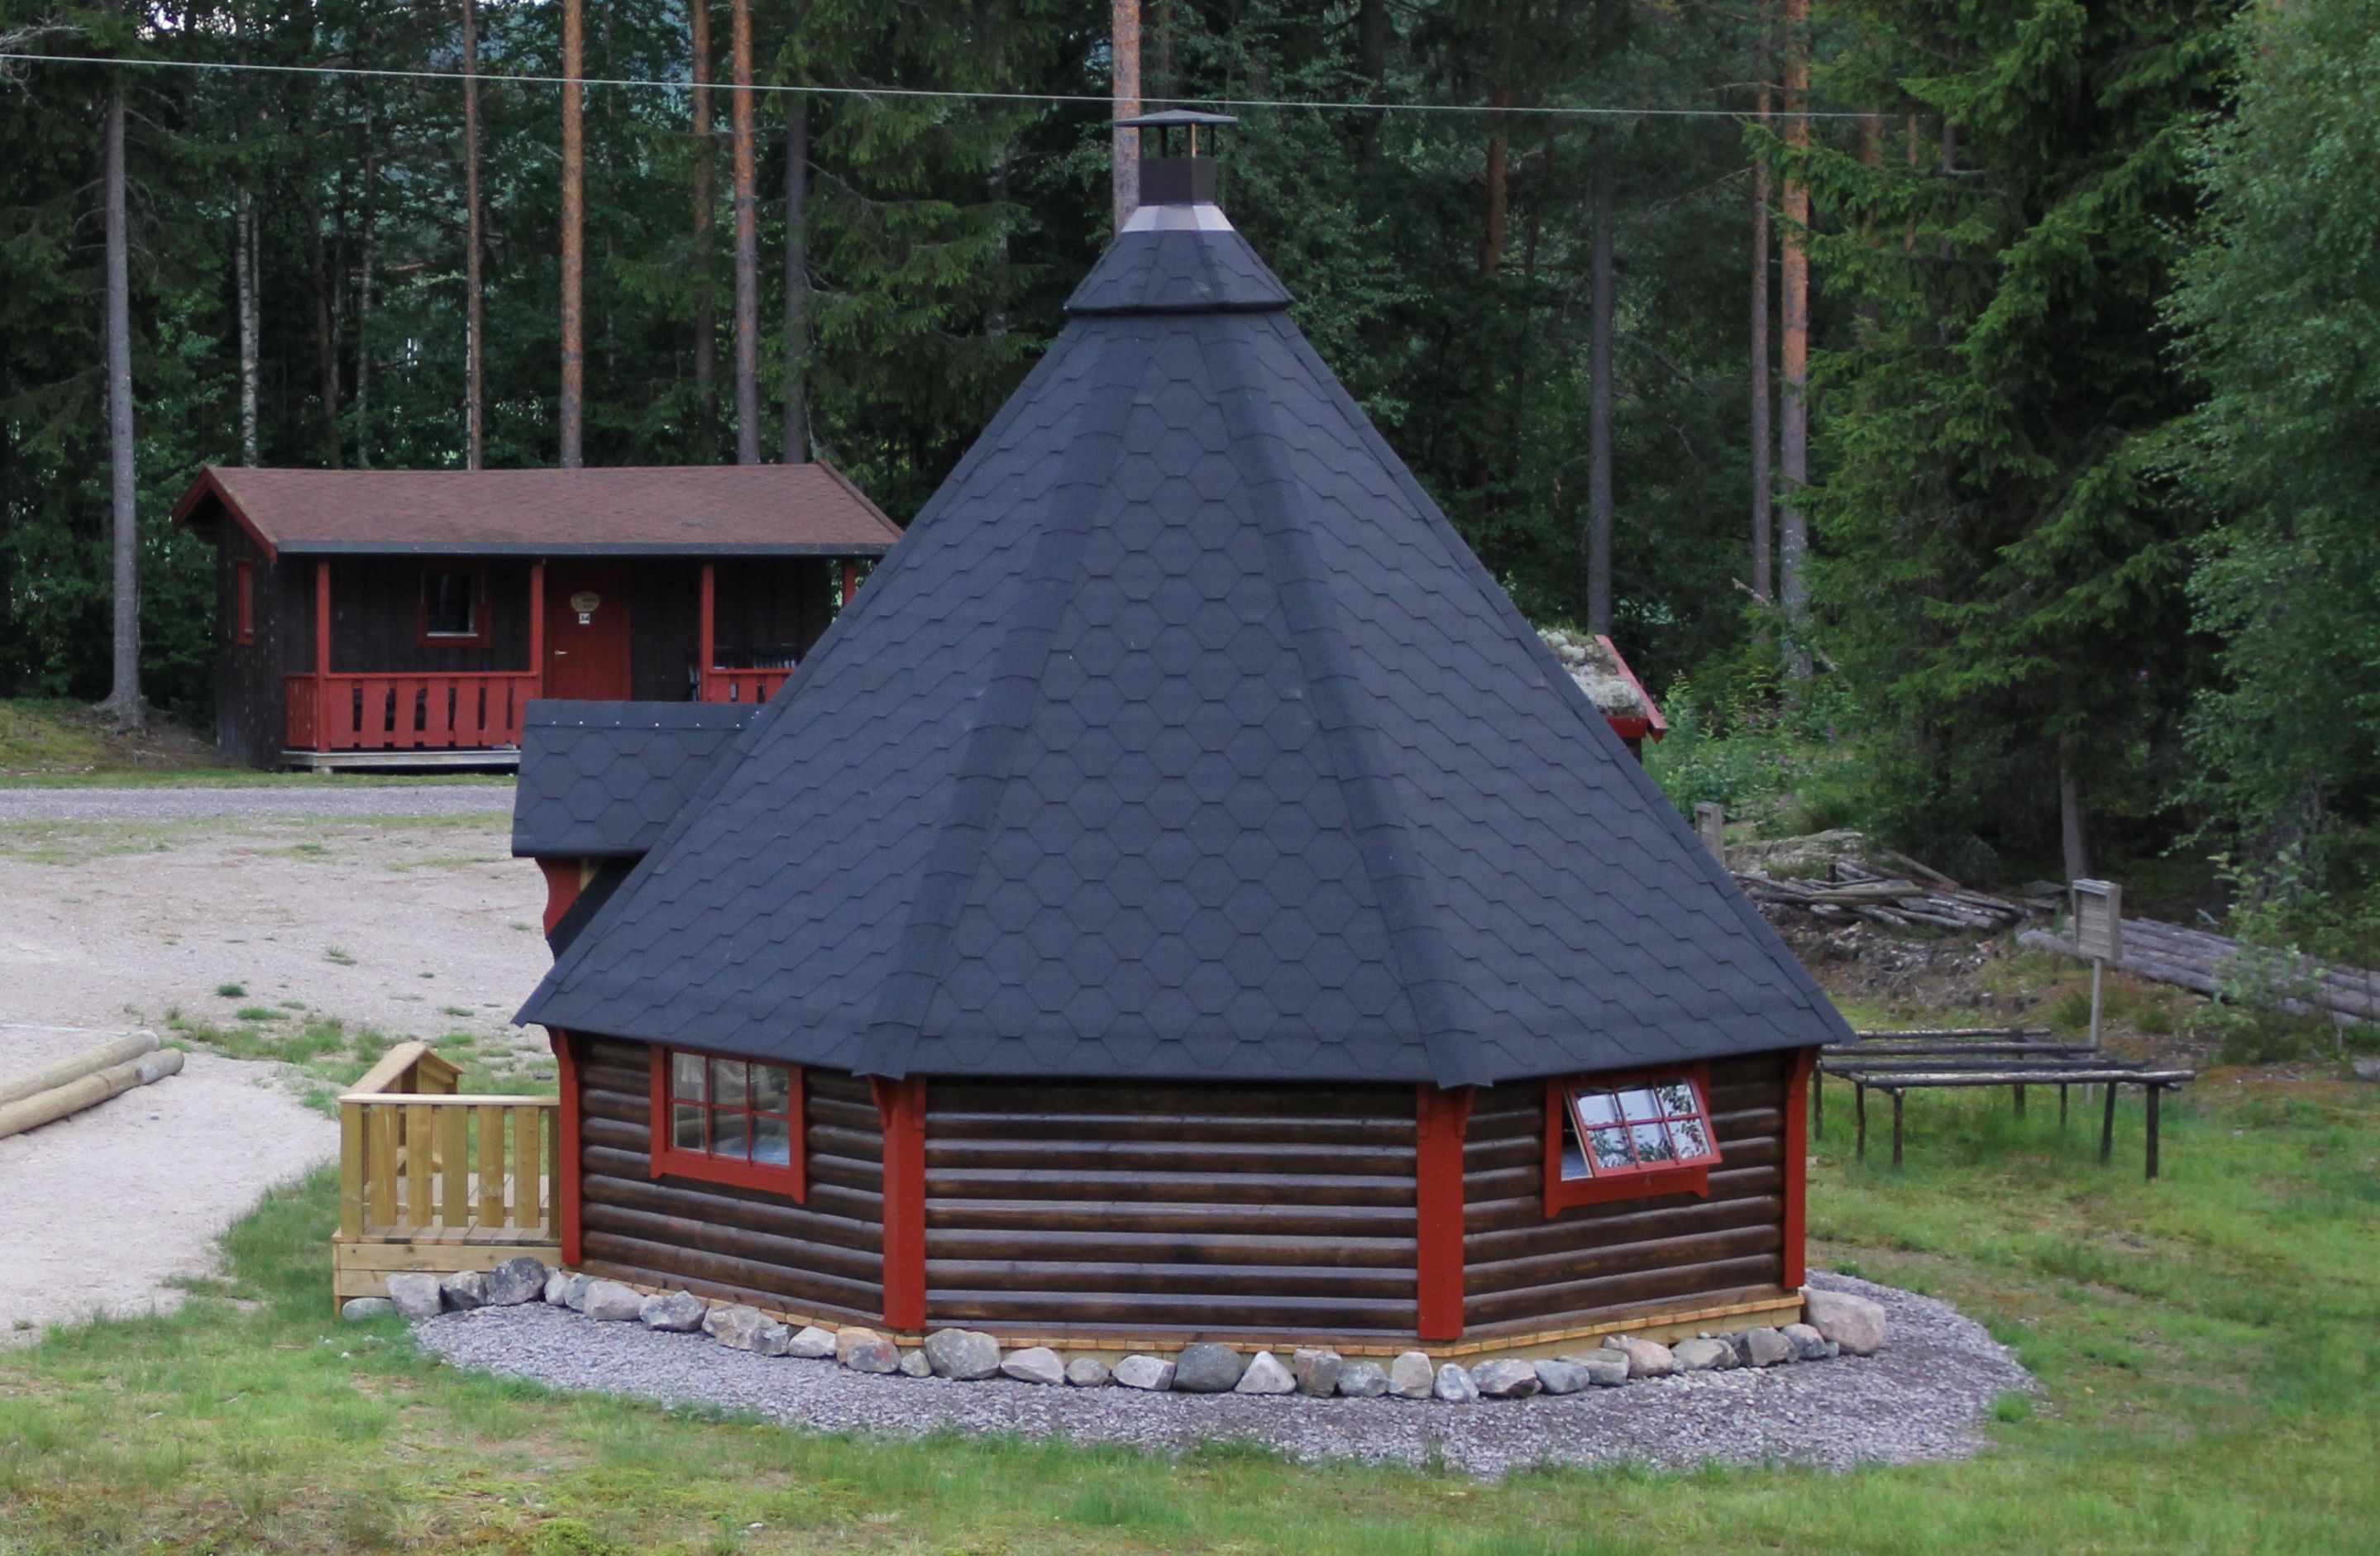 grillkota der superlative f r den garten mit grillanlage. Black Bedroom Furniture Sets. Home Design Ideas